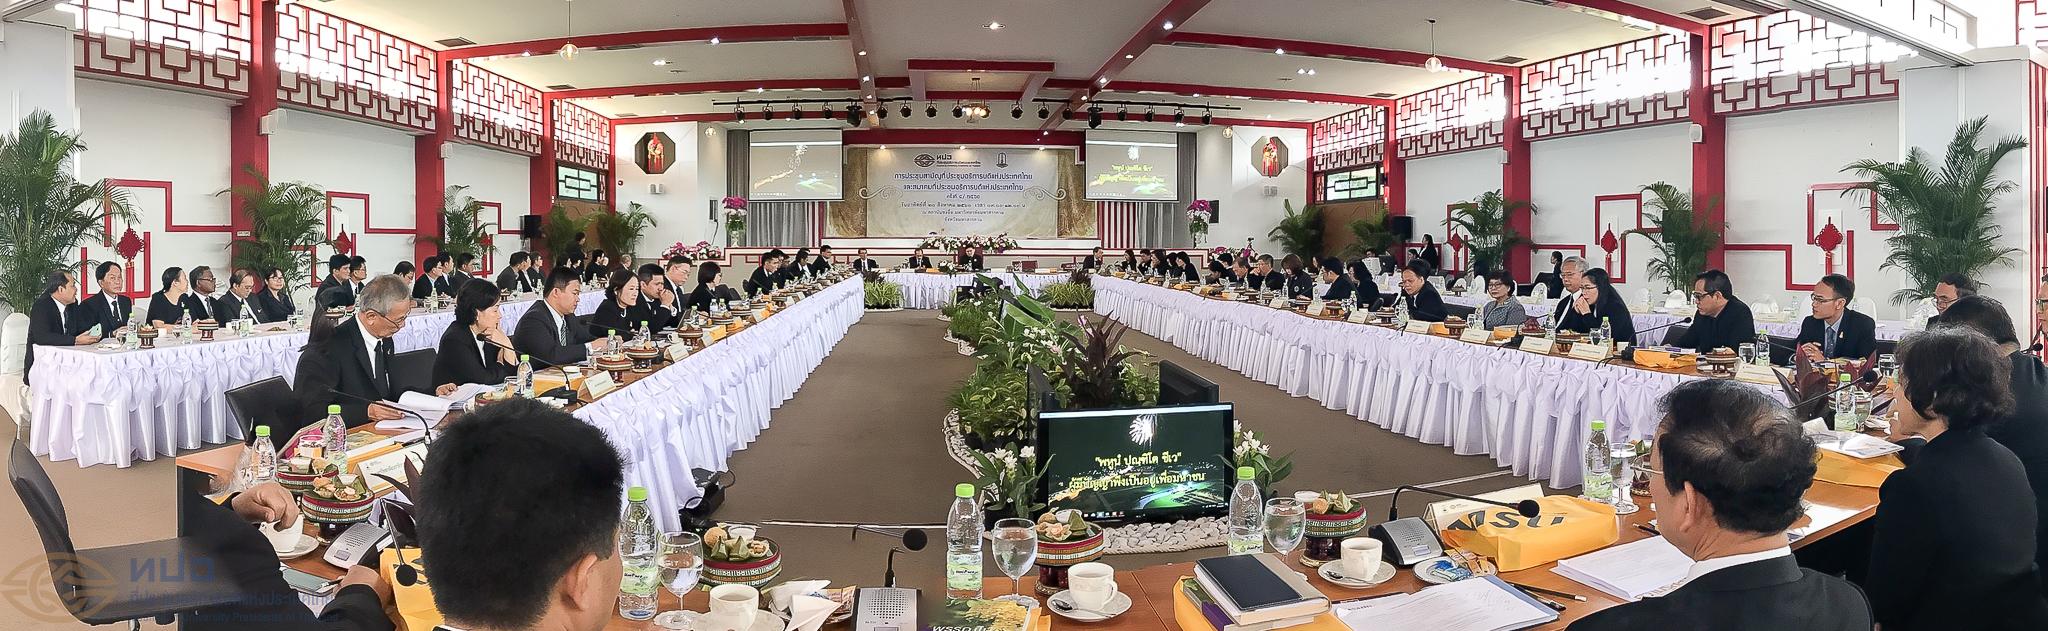 การประชุมสามัญที่ประชุมอธิการบดีแห่งประเทศไทย และ สมาคมที่ประชุมอธิการบดีแห่งประเทศไทย ครั้งที่ 4/2560